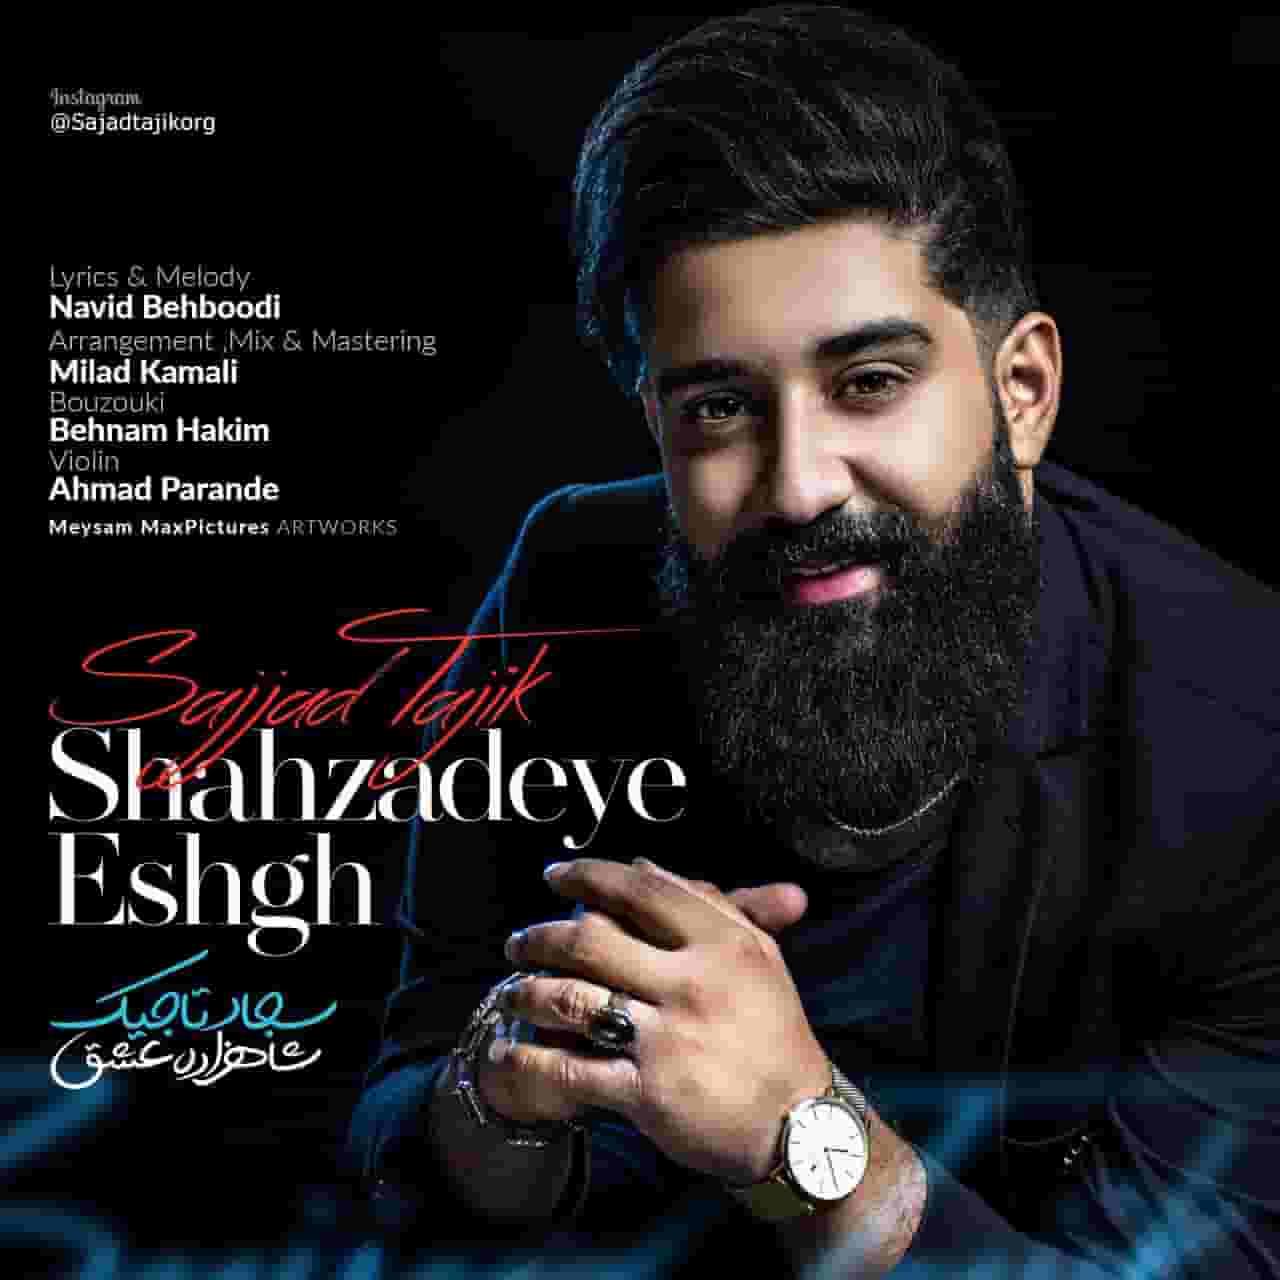 دانلود آهنگ سجاد تاجیک شاهزاده عشق